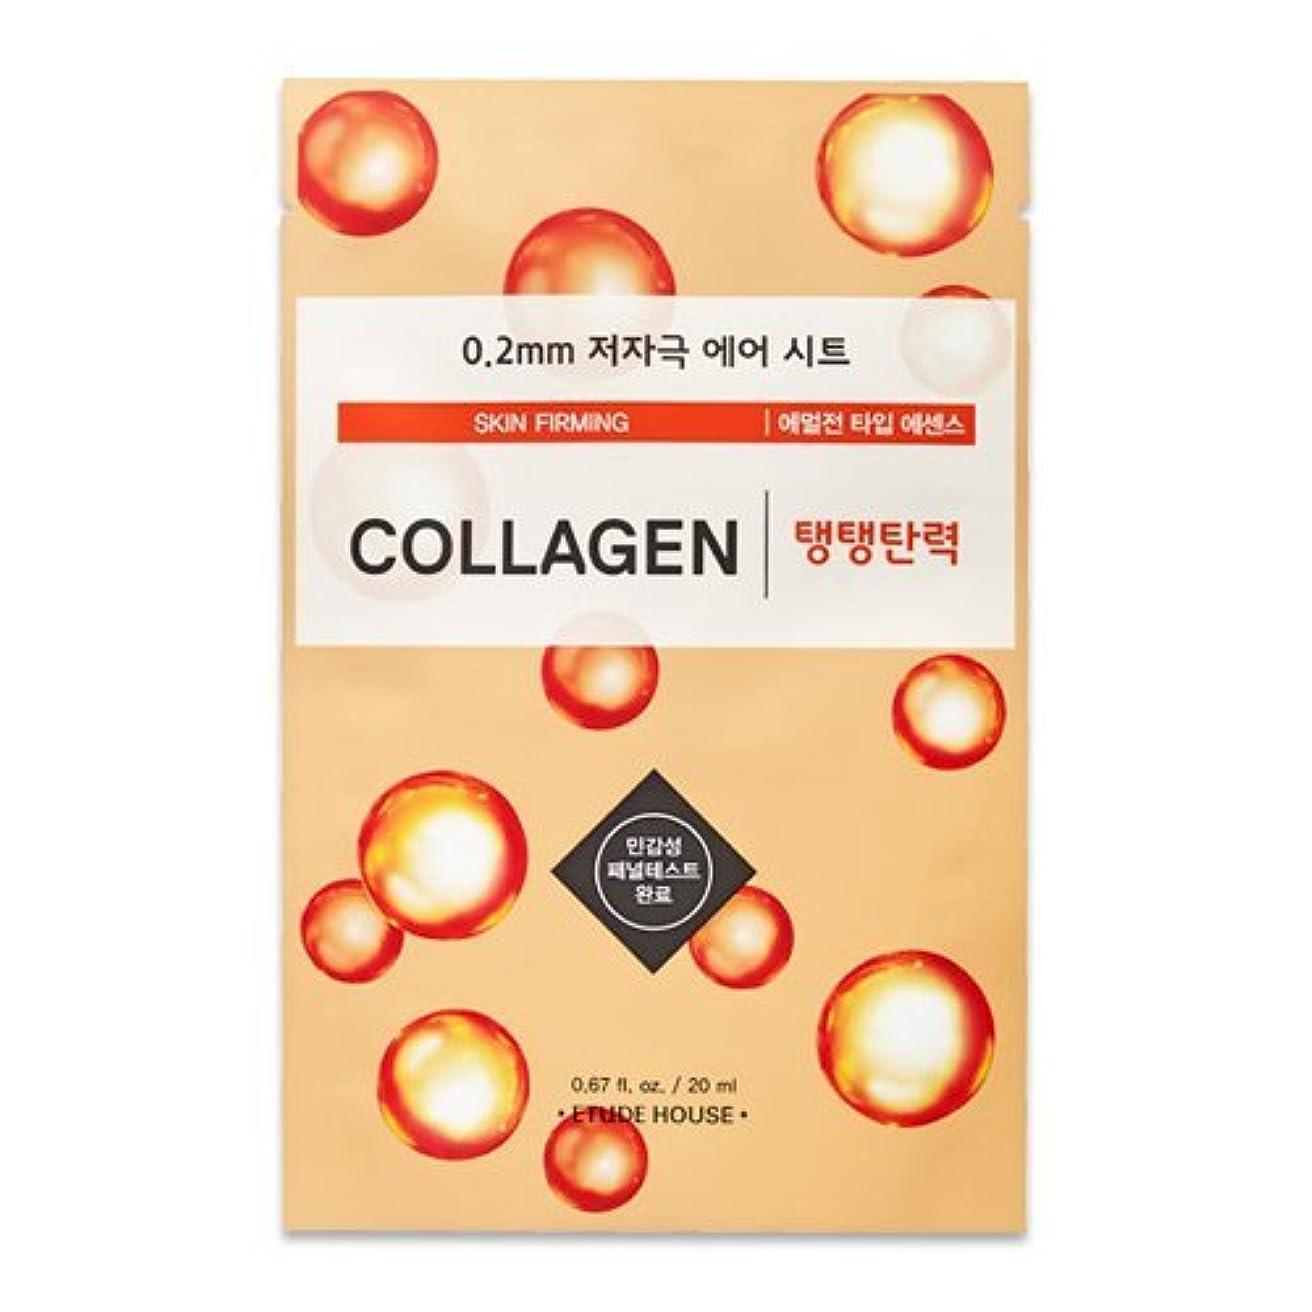 強制的インレイ乱れETUDE HOUSE 0.2 Therapy Air Mask 20ml×10ea (#12 Collagen)/エチュードハウス 0.2 セラピー エア マスク 20ml×10枚 (#12 Collagen)